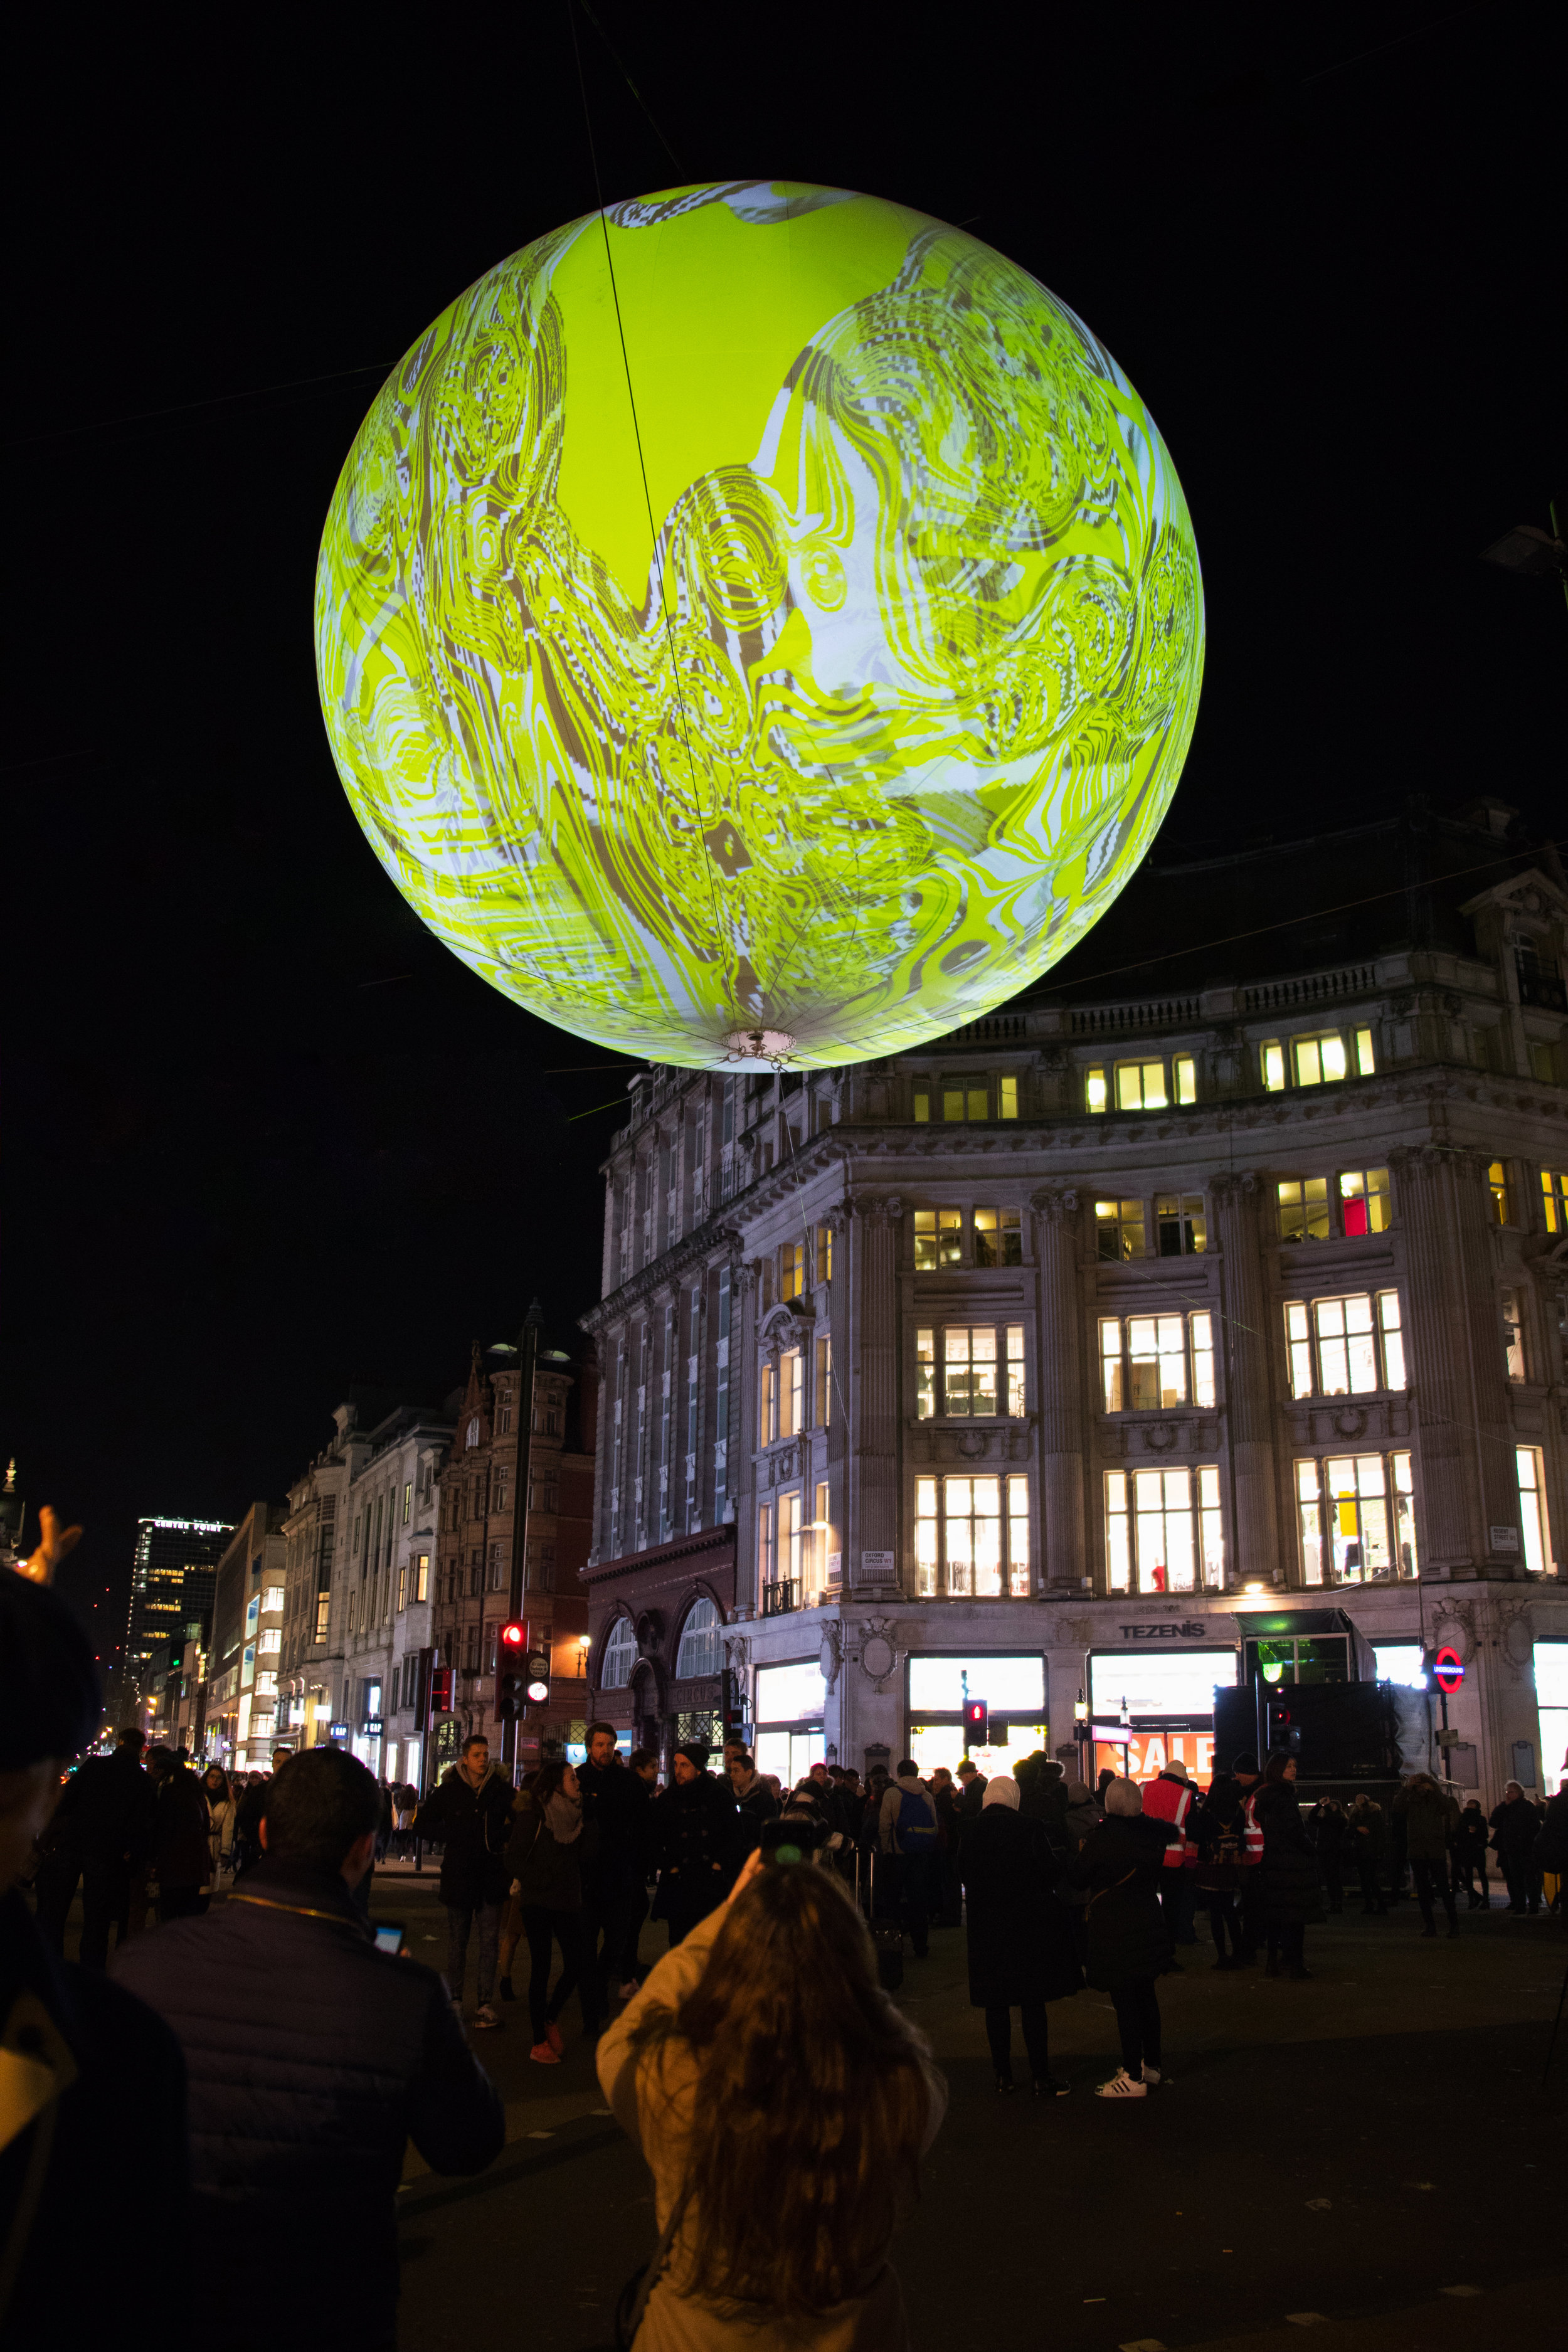 Oxford Circus hade stängts av under festivalen så att besökarna kunde ta sig en närmare titt på Miguel Chevaliers interaktiva bubbla.